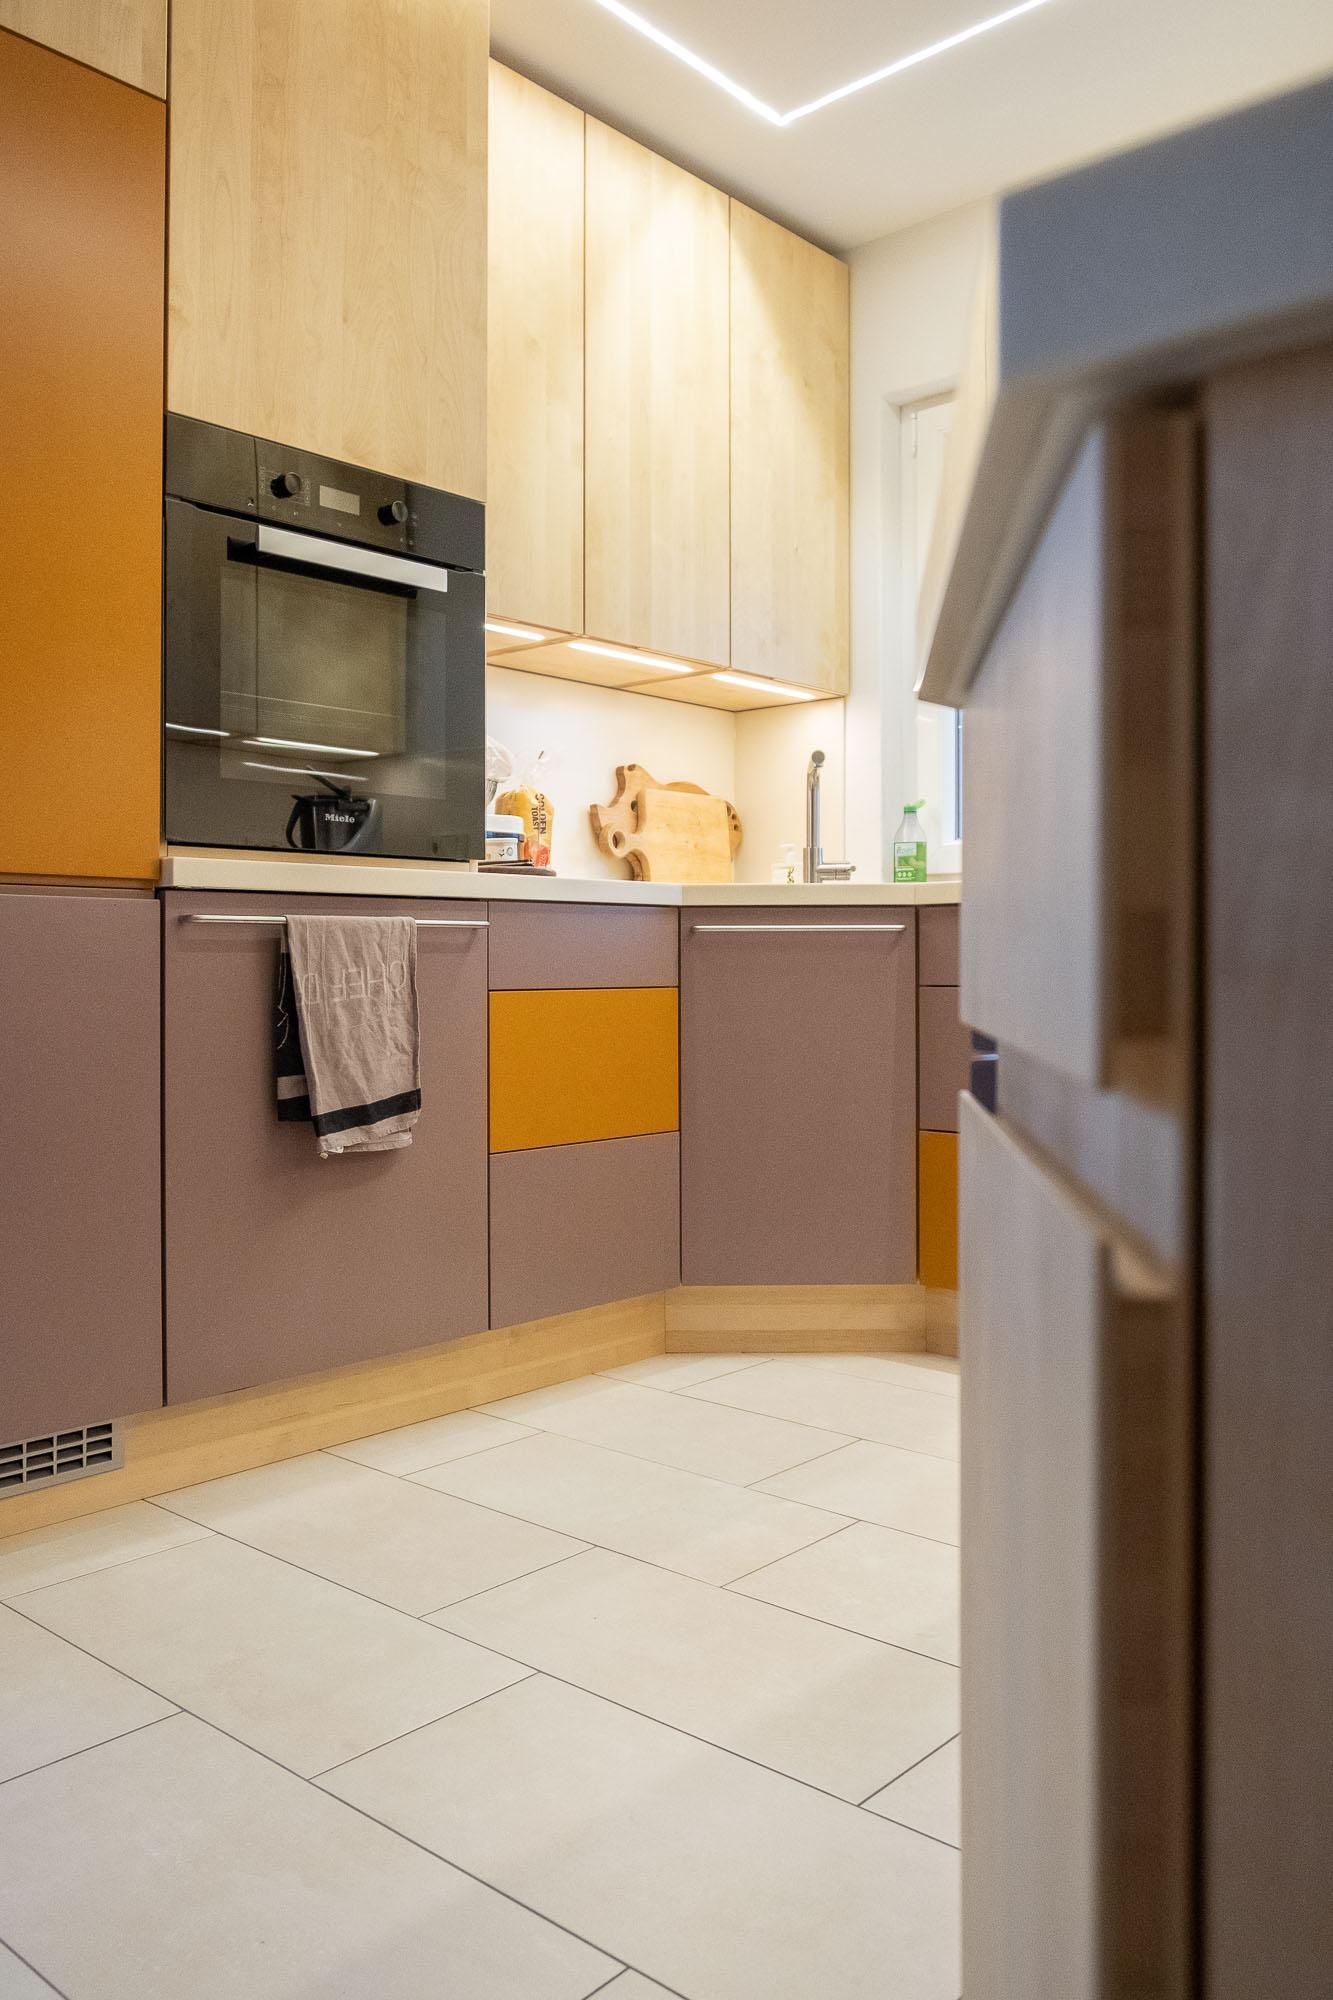 kuche mit buche arbeitsplatte. Black Bedroom Furniture Sets. Home Design Ideas